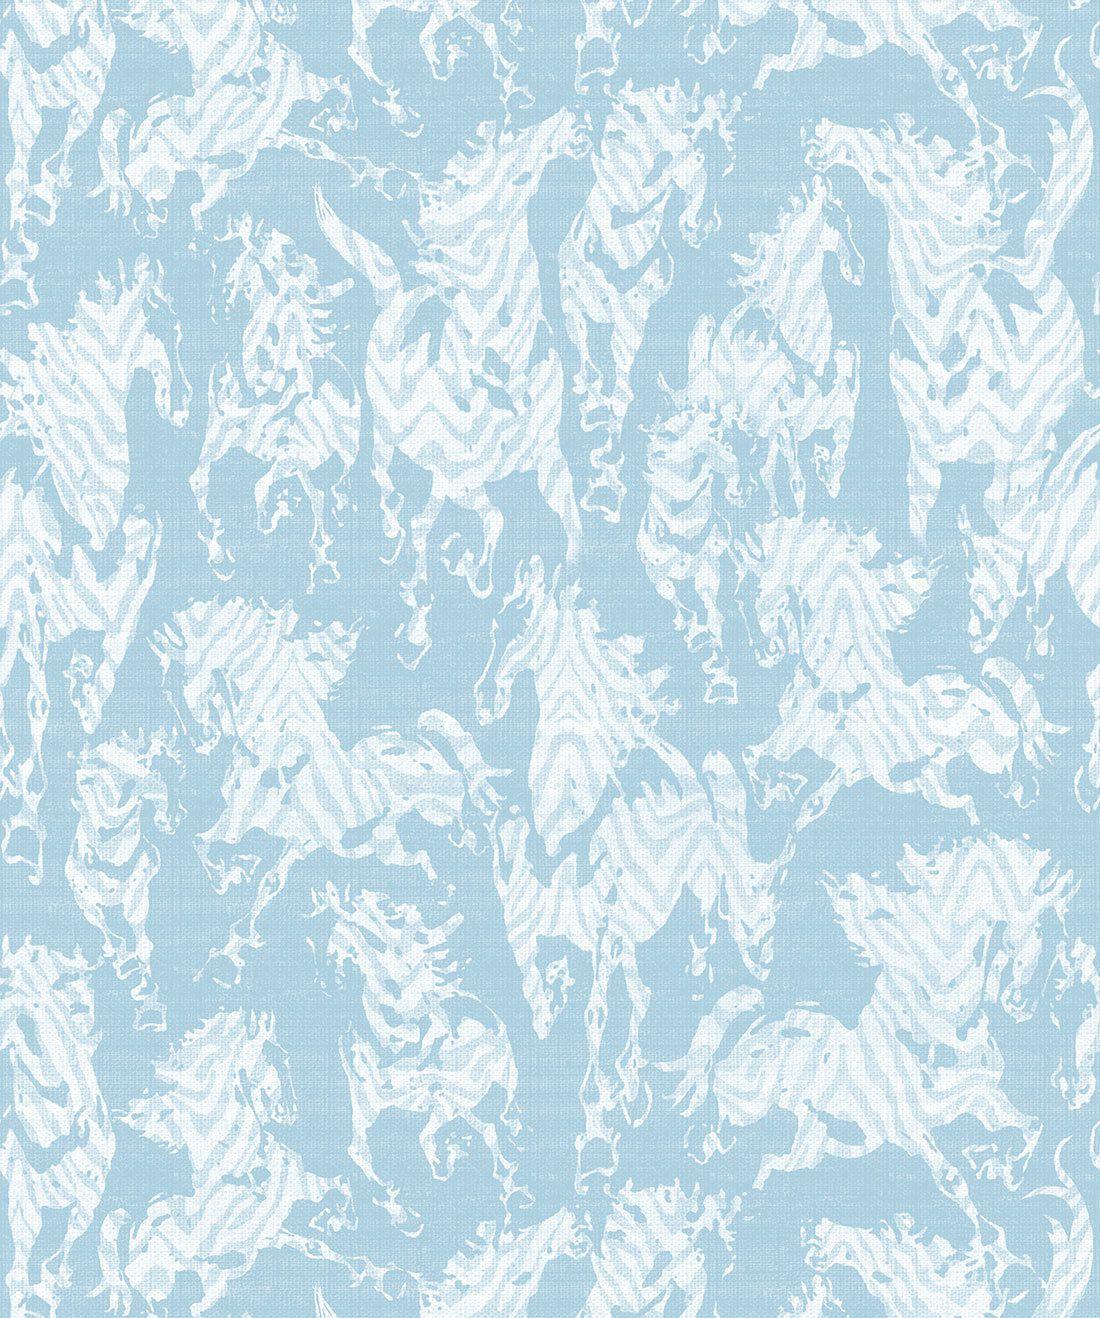 Sixhands - Stampede Wallpaper